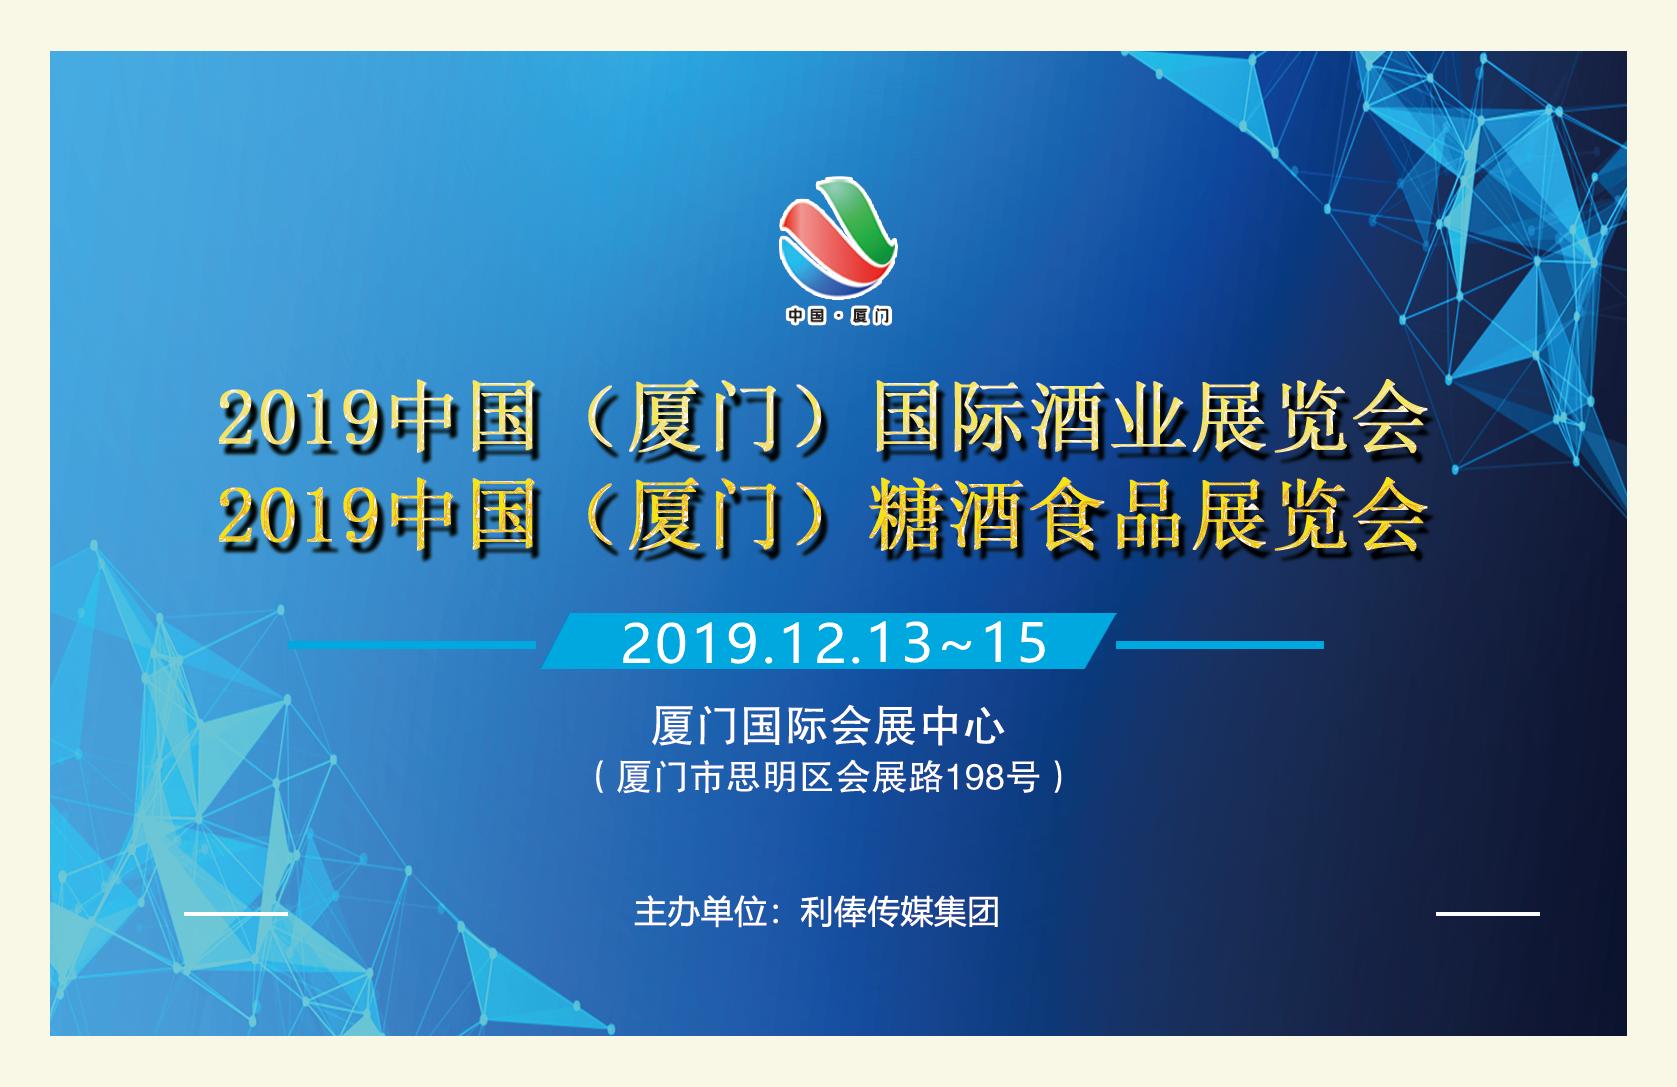 2019中国(厦门)国际酒业博览会及高端饮品展览会